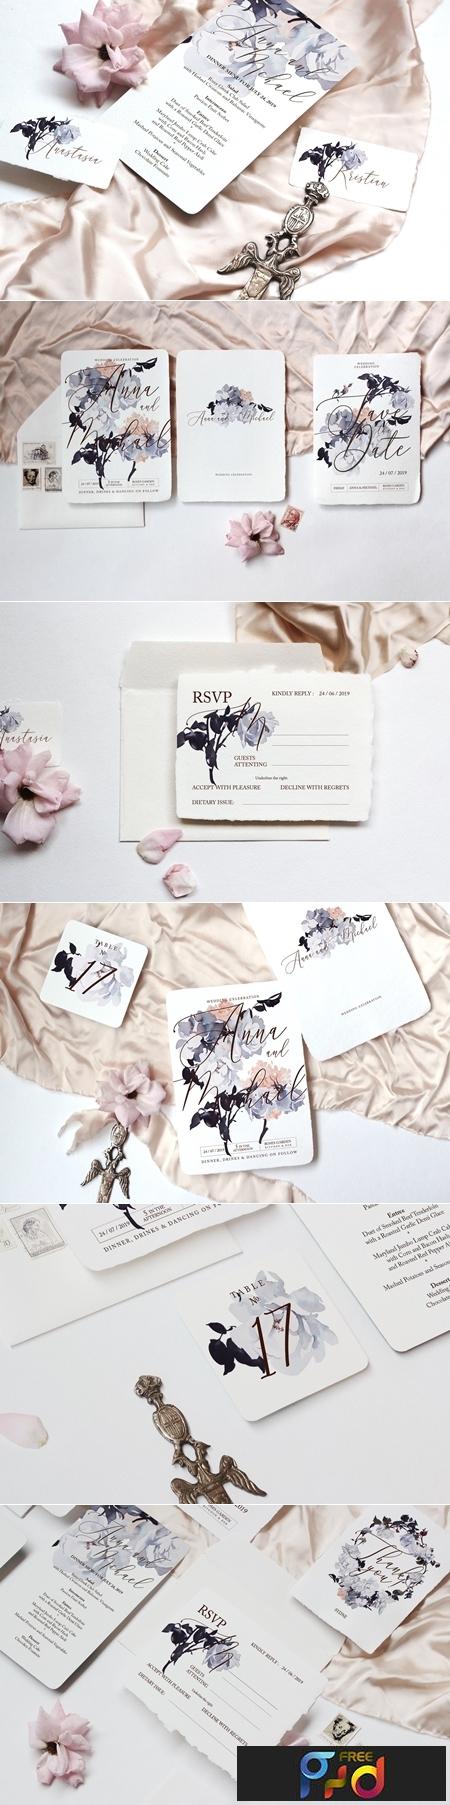 Roses Wedding Invitation Suite 3 3129800 1